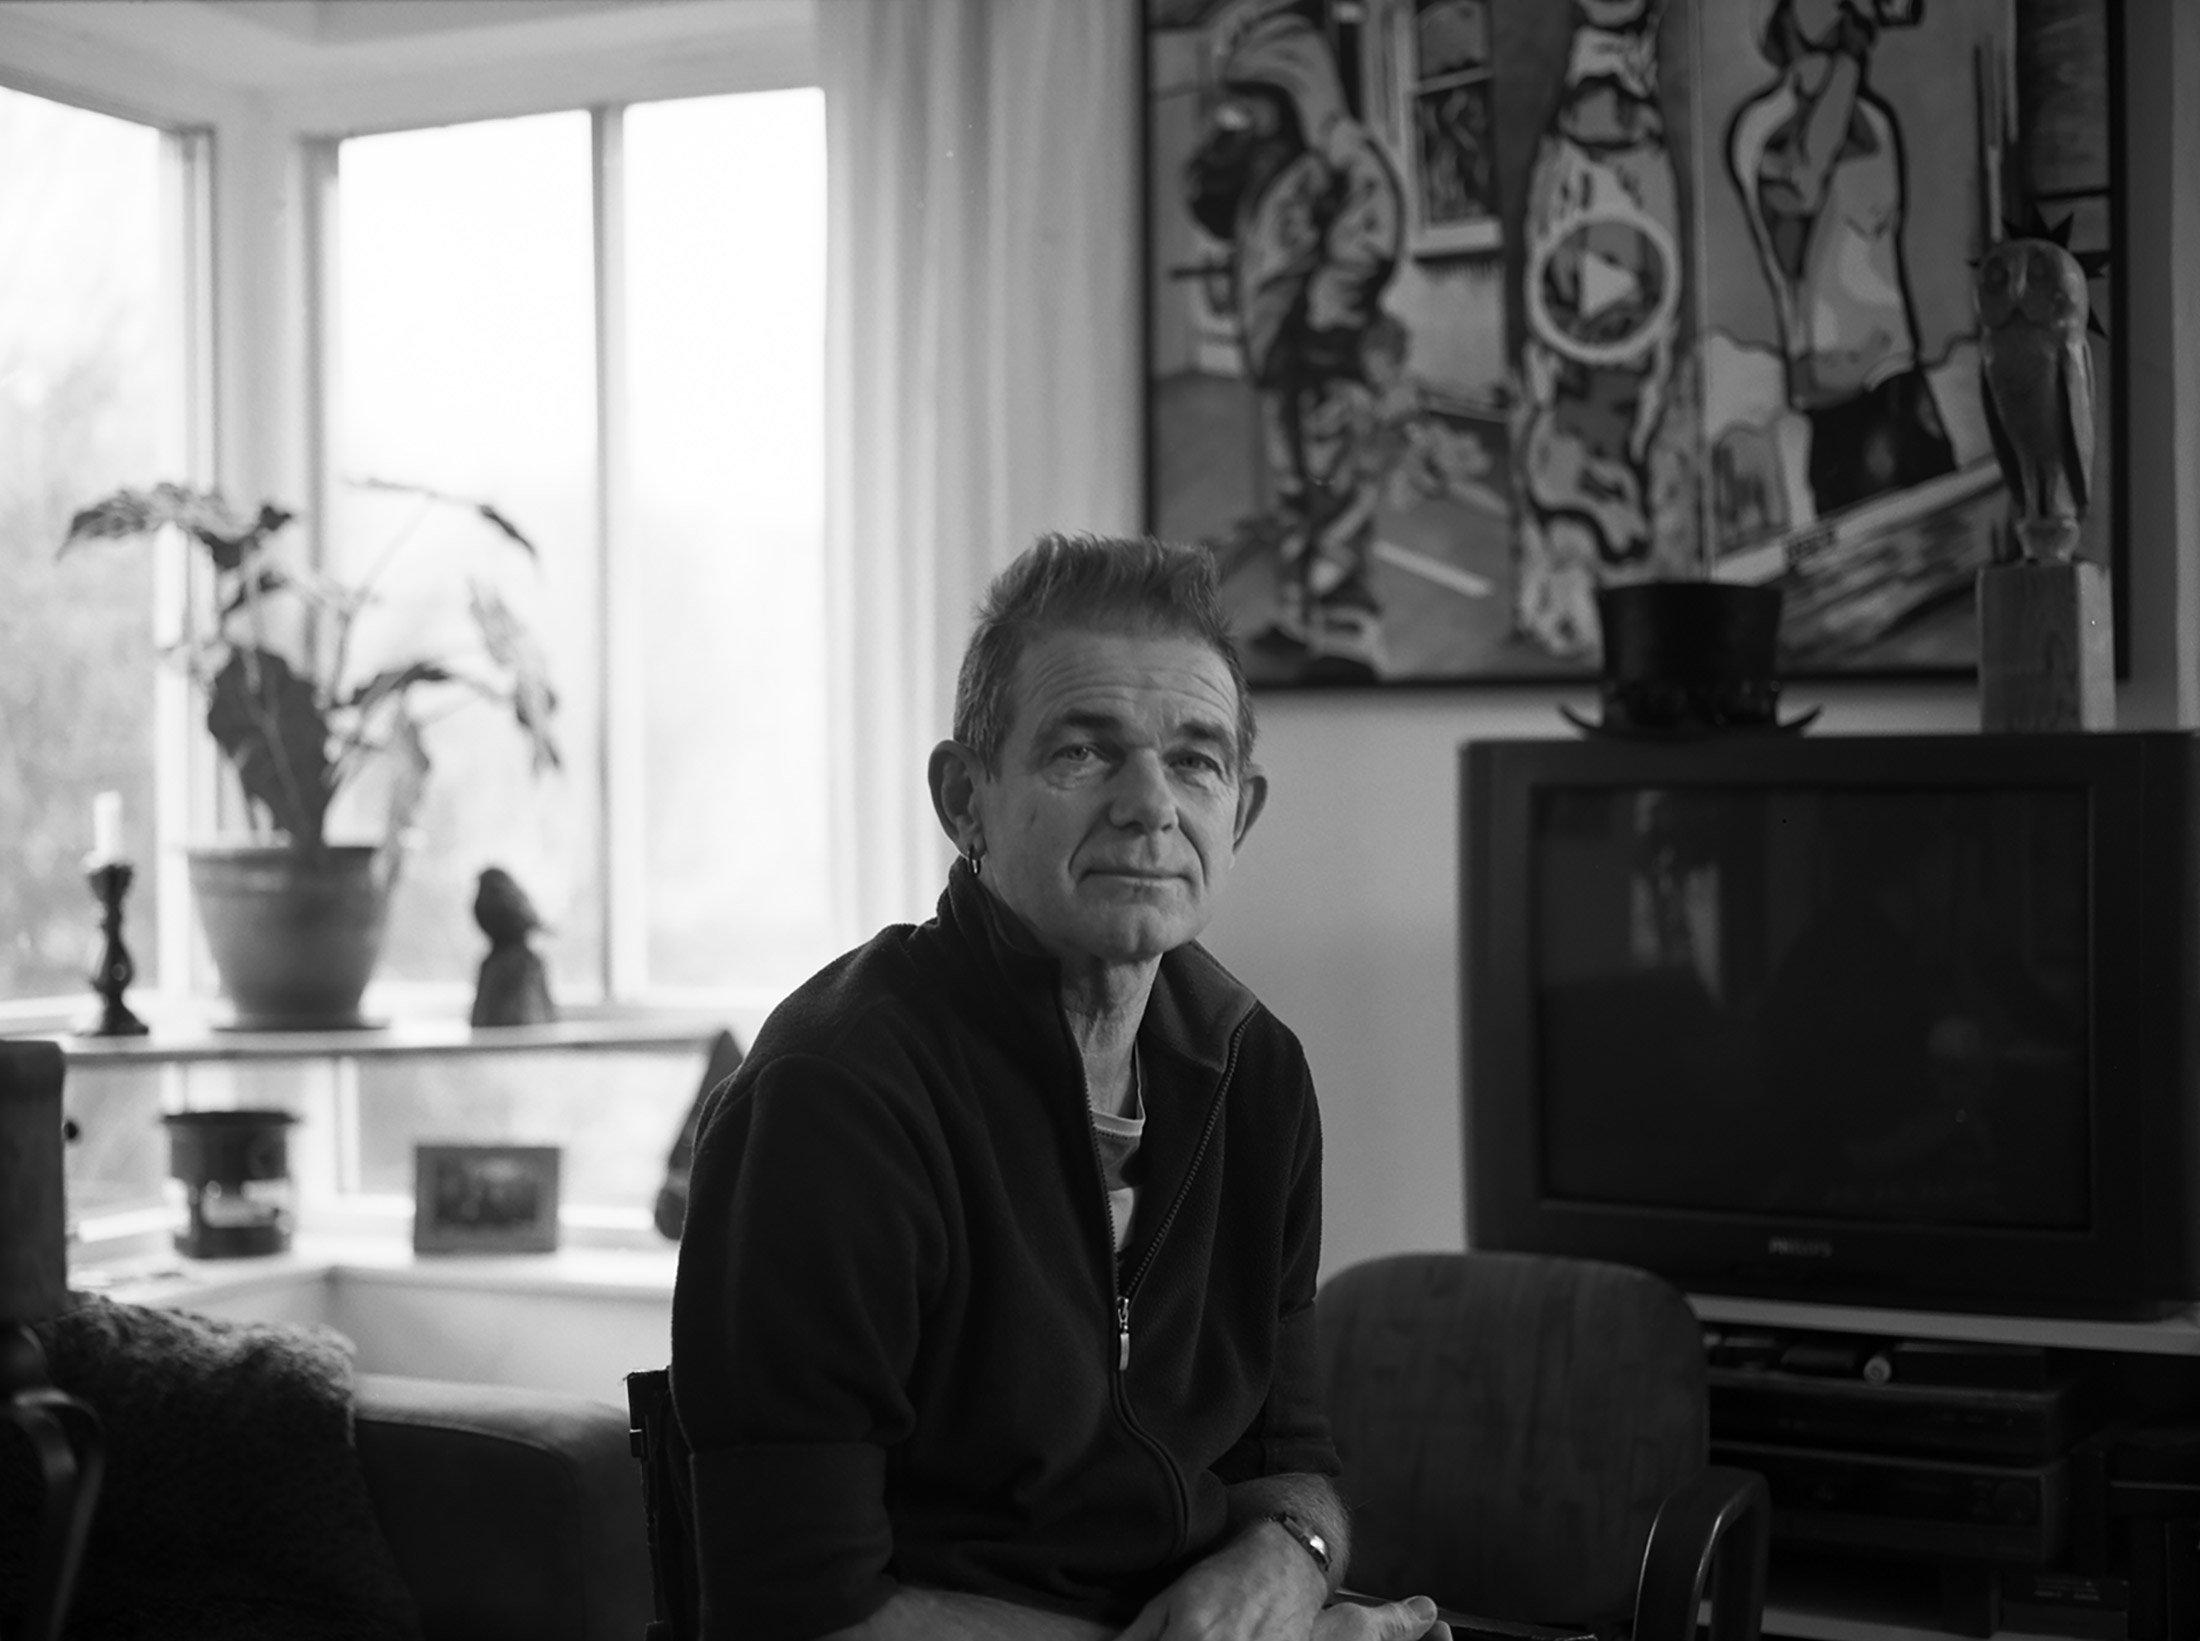 Hanz in zijn woonkamer / Hanz in his livingroom